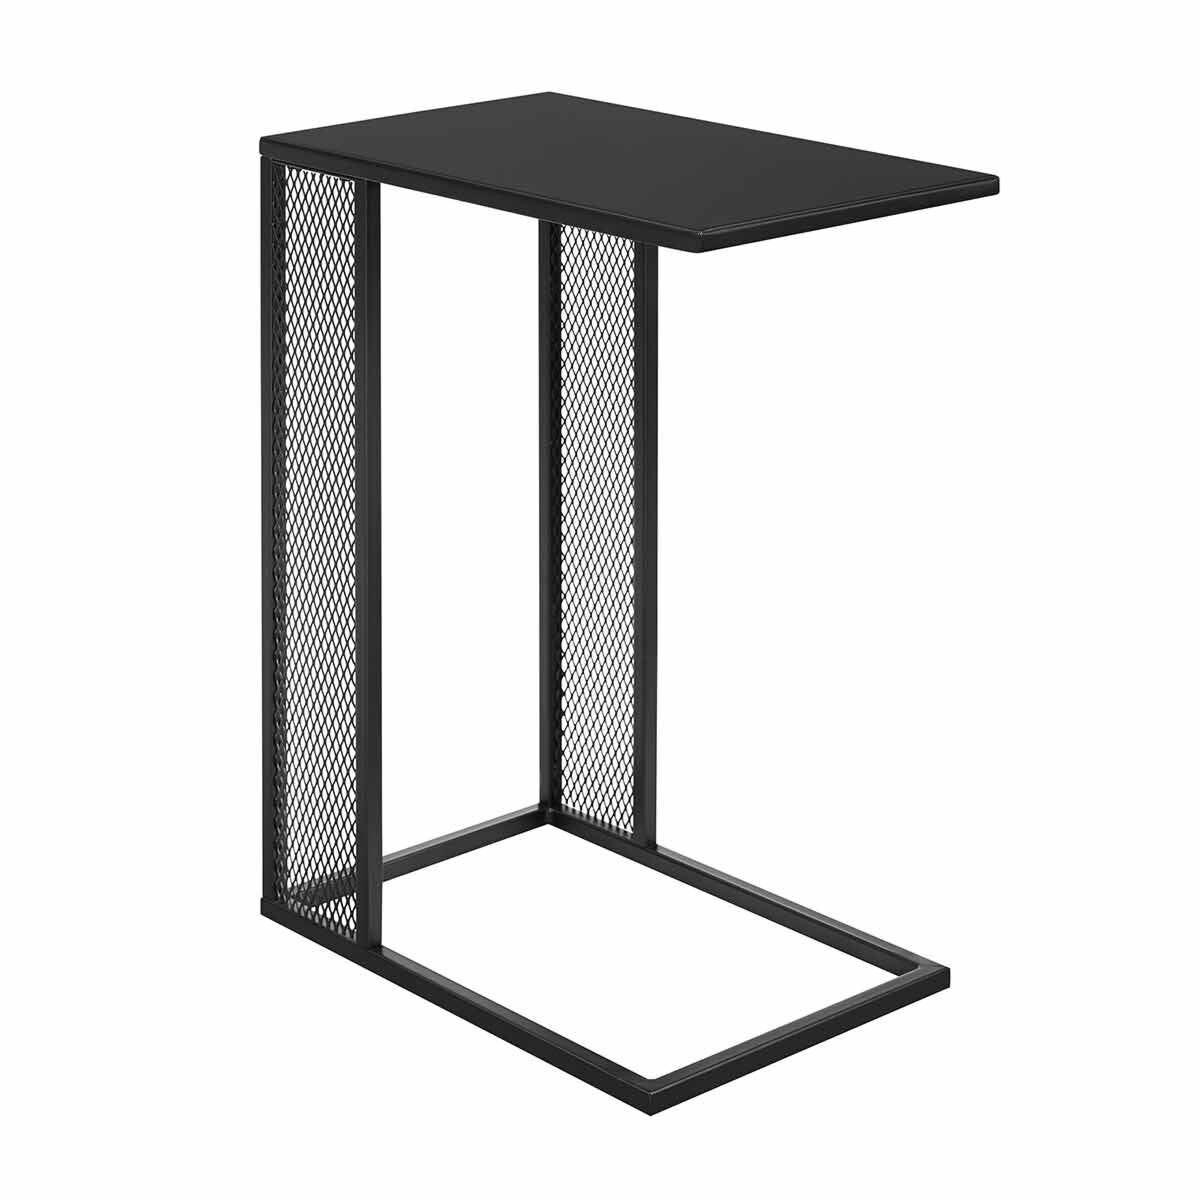 Seville Rectangle Metal Mesh C-Table Black